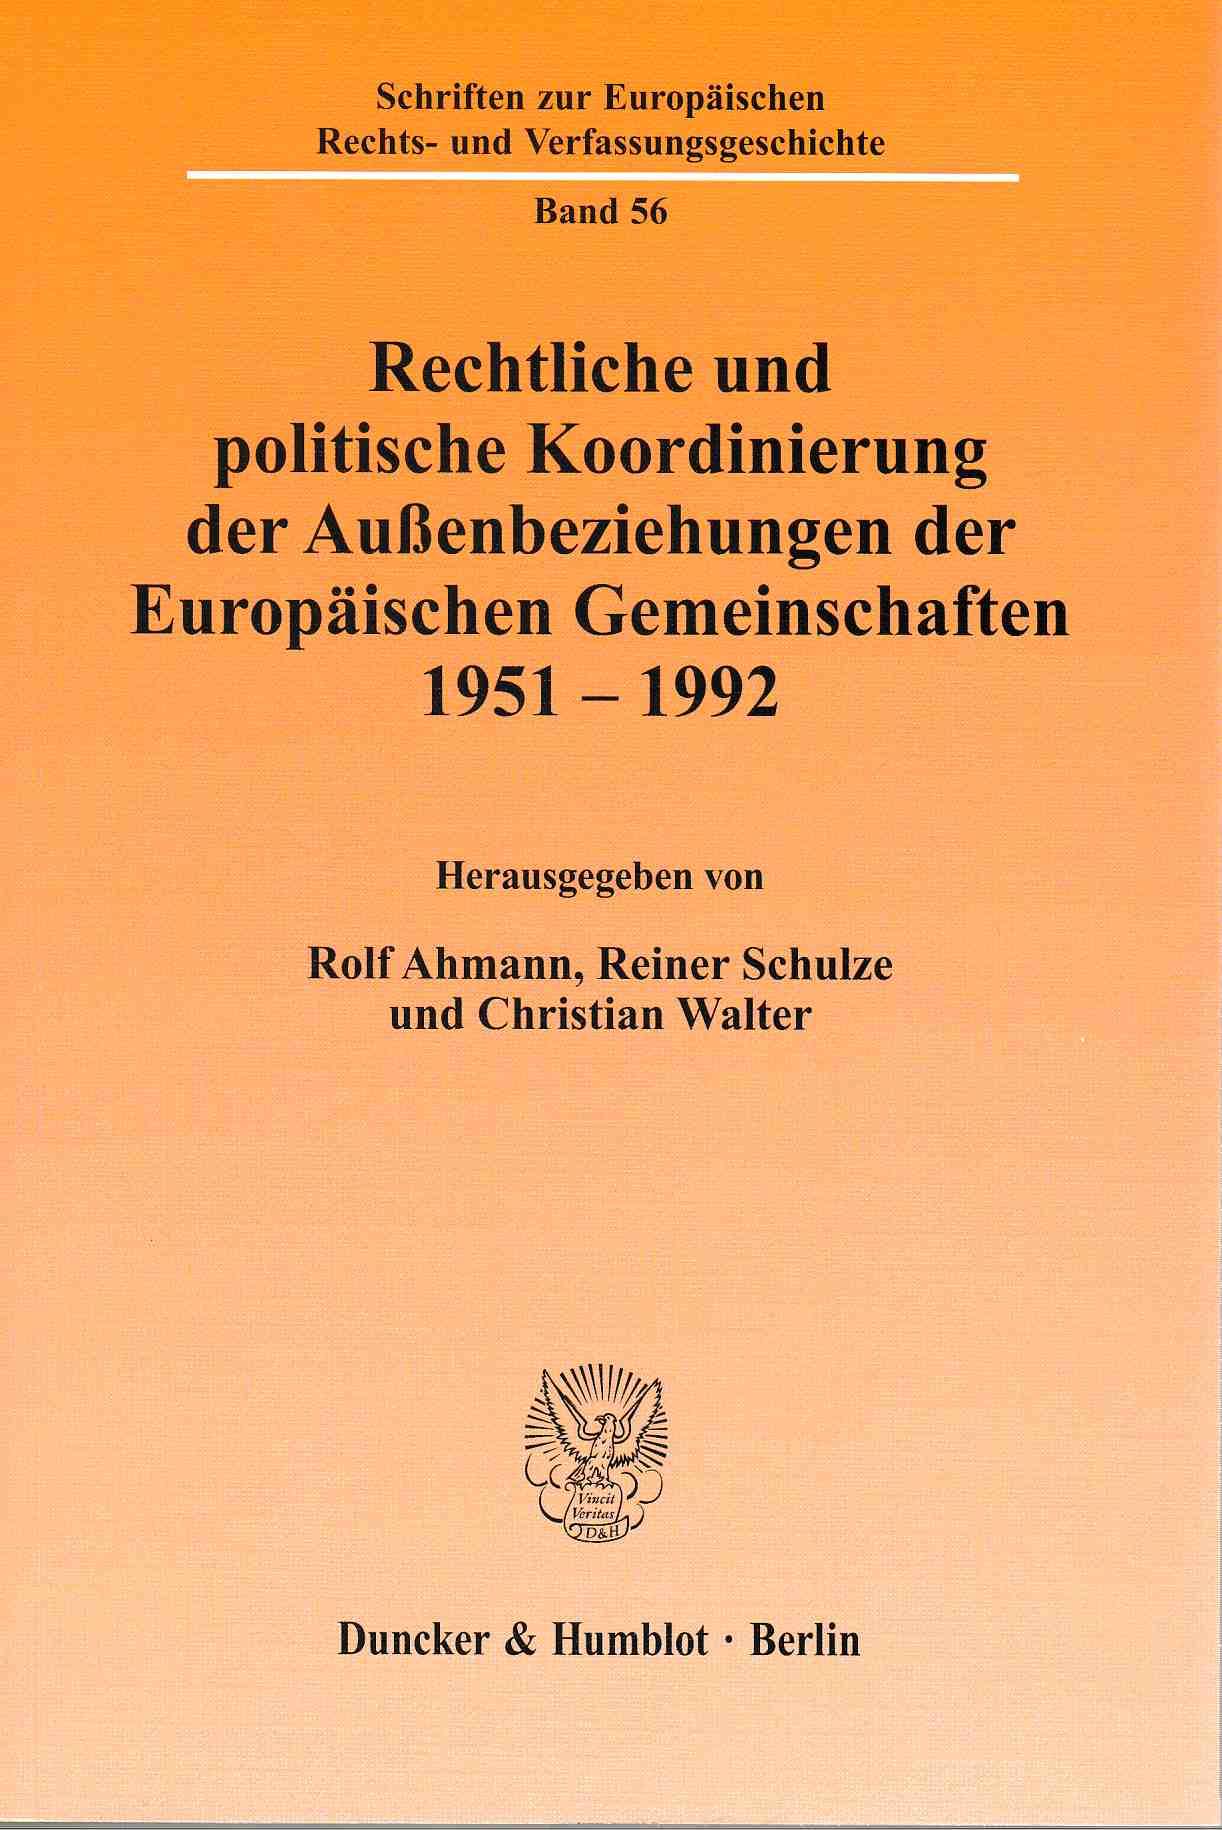 Rechtliche und politische Koordinierung der Außenbeziehungen der Europäischen Gemeinschaften 1951 - 1992. Schriften zur europäischen Rechts- und Verfassungsgeschichte ; Bd. 56. - Ahmann, Rolf (Hg.)